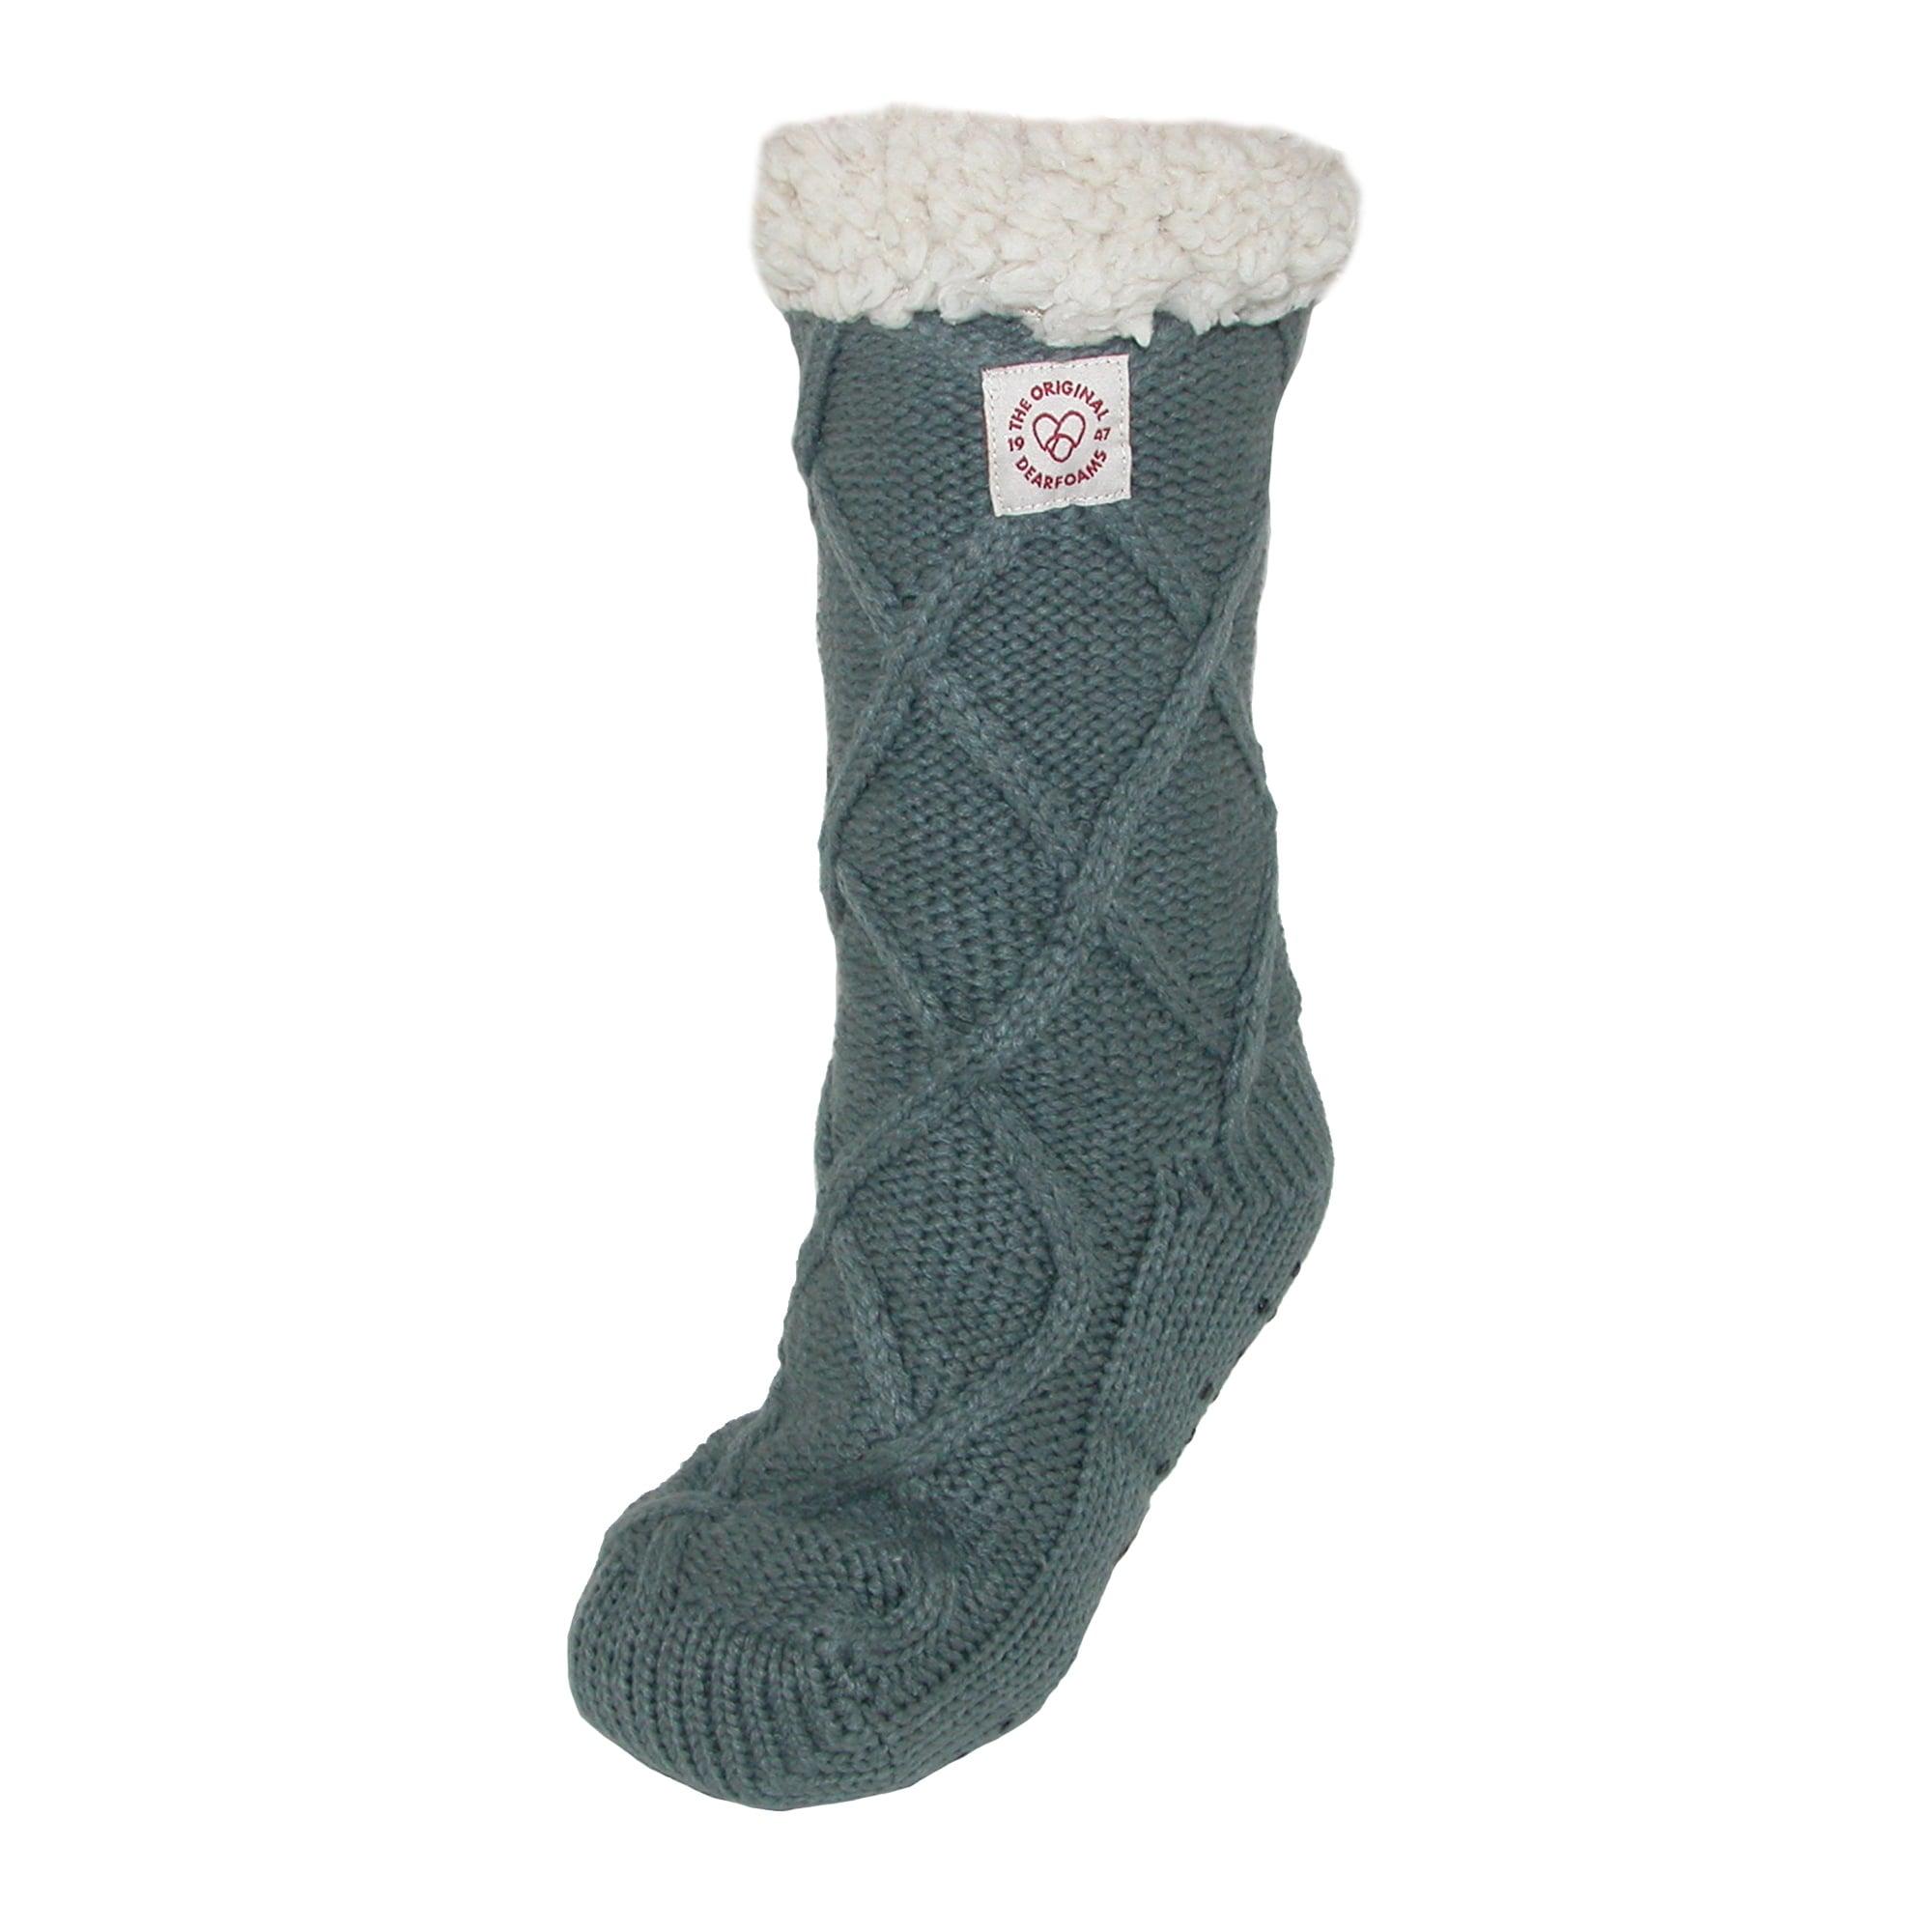 Shop Dearfoams Womens Lattice Cable Knit Slipper Socks Free